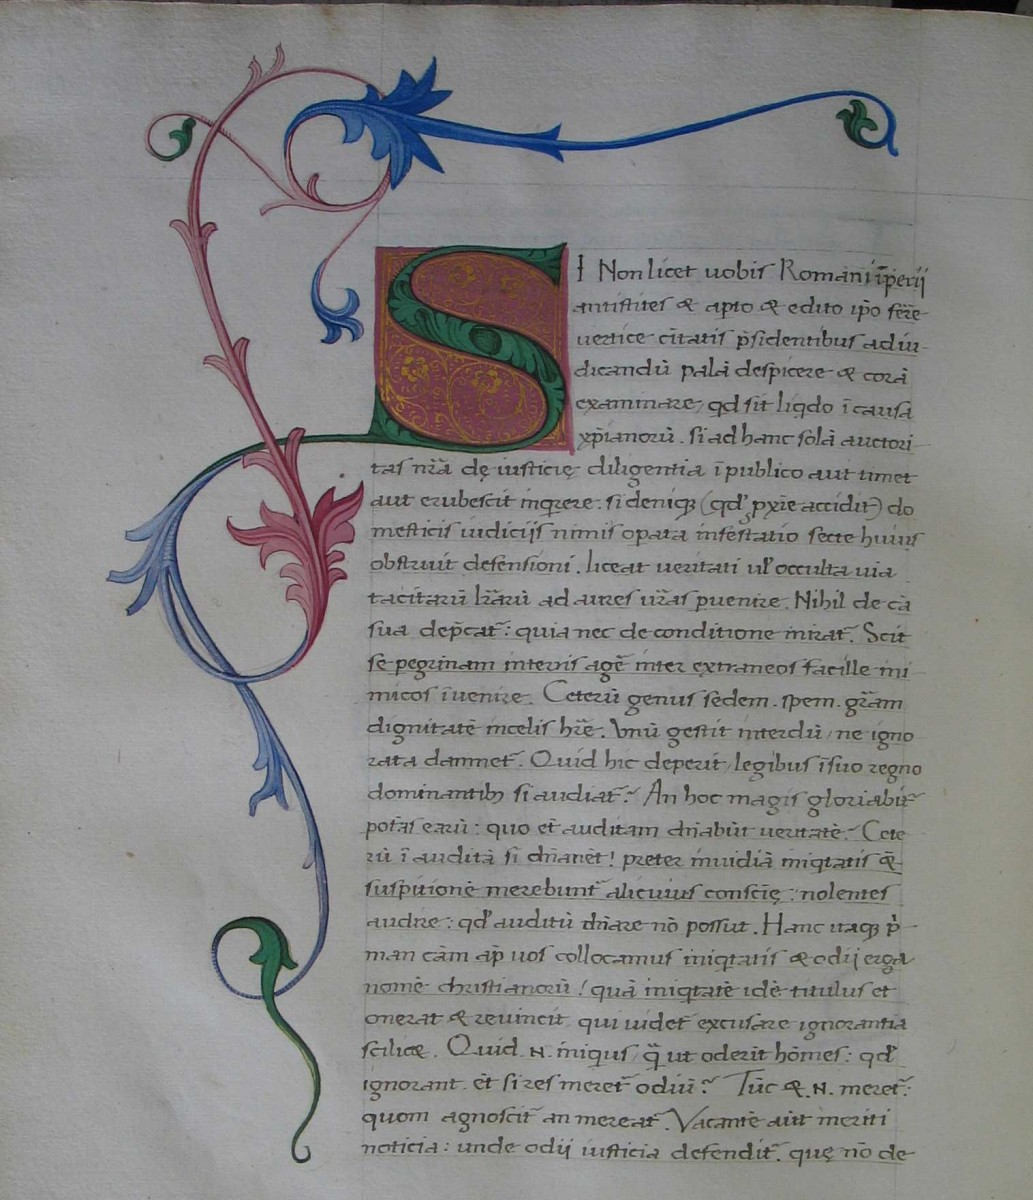 Codex Seitenstettensis 30. Seitenstetten Abbey, Austria. Contains Tertullian's Apologeticum.